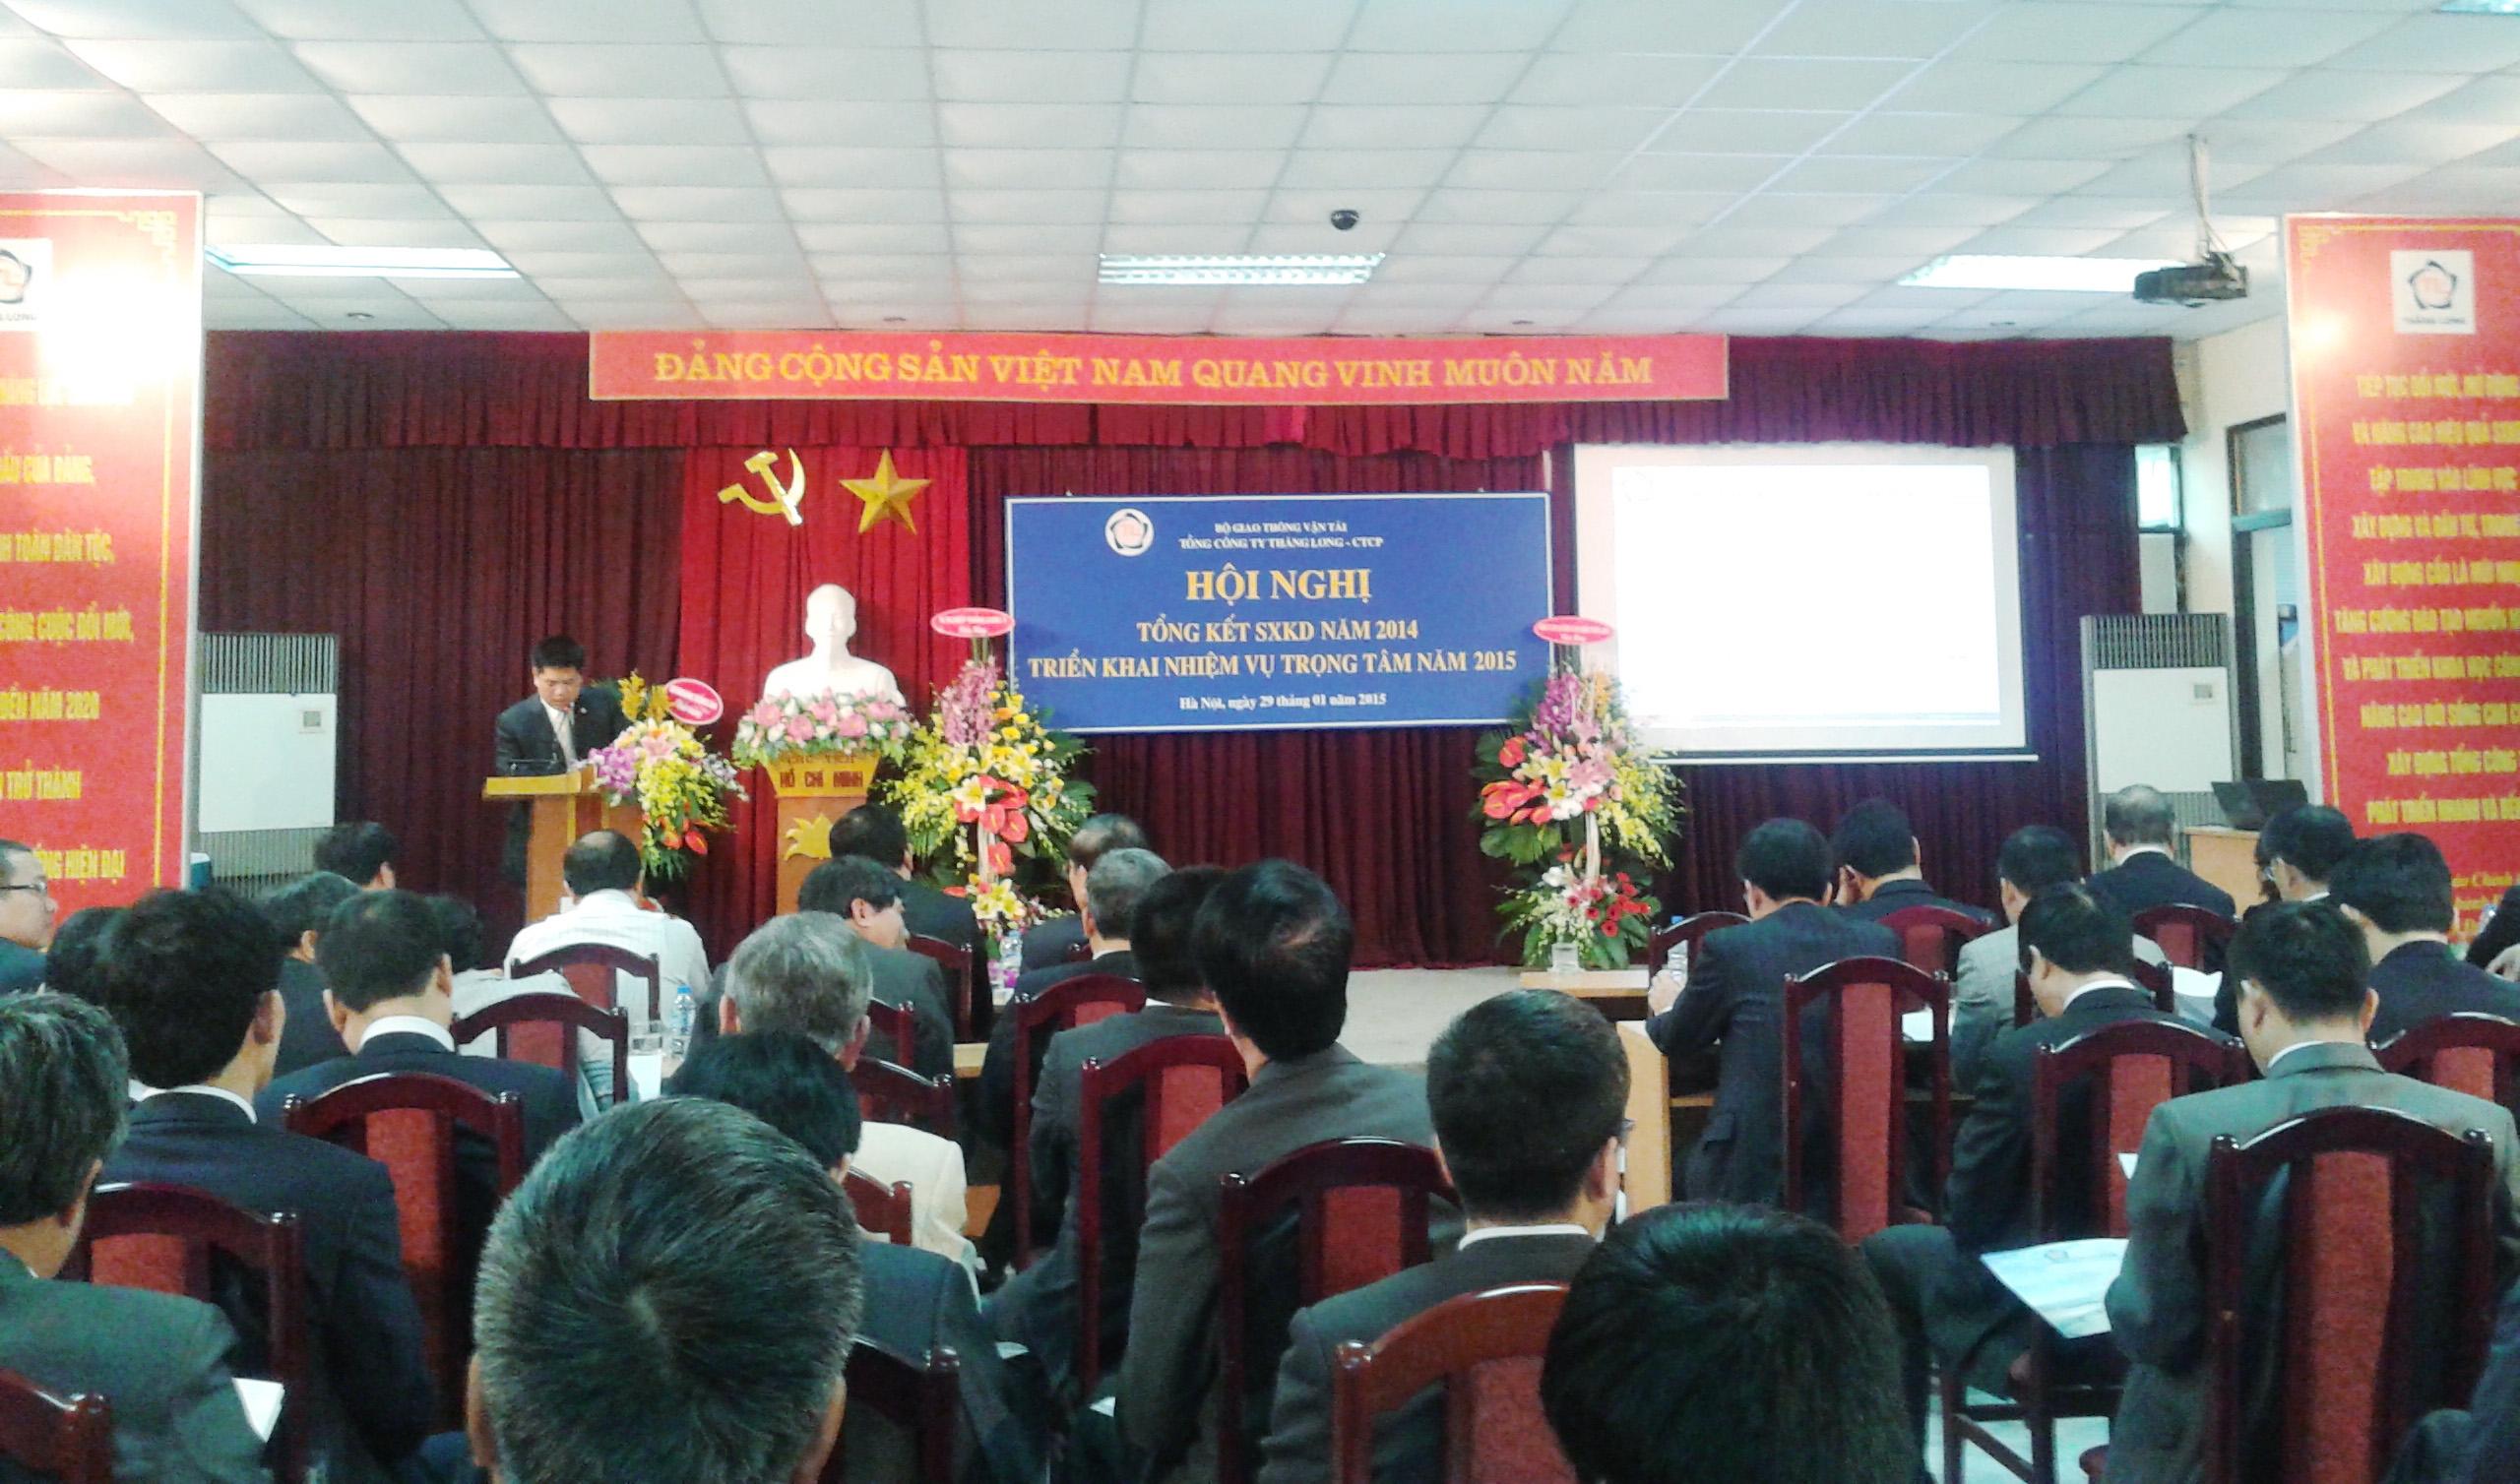 Năm 2014, Tổng công ty Thăng Long đạt doanh thu 4.521 tỷ đồng